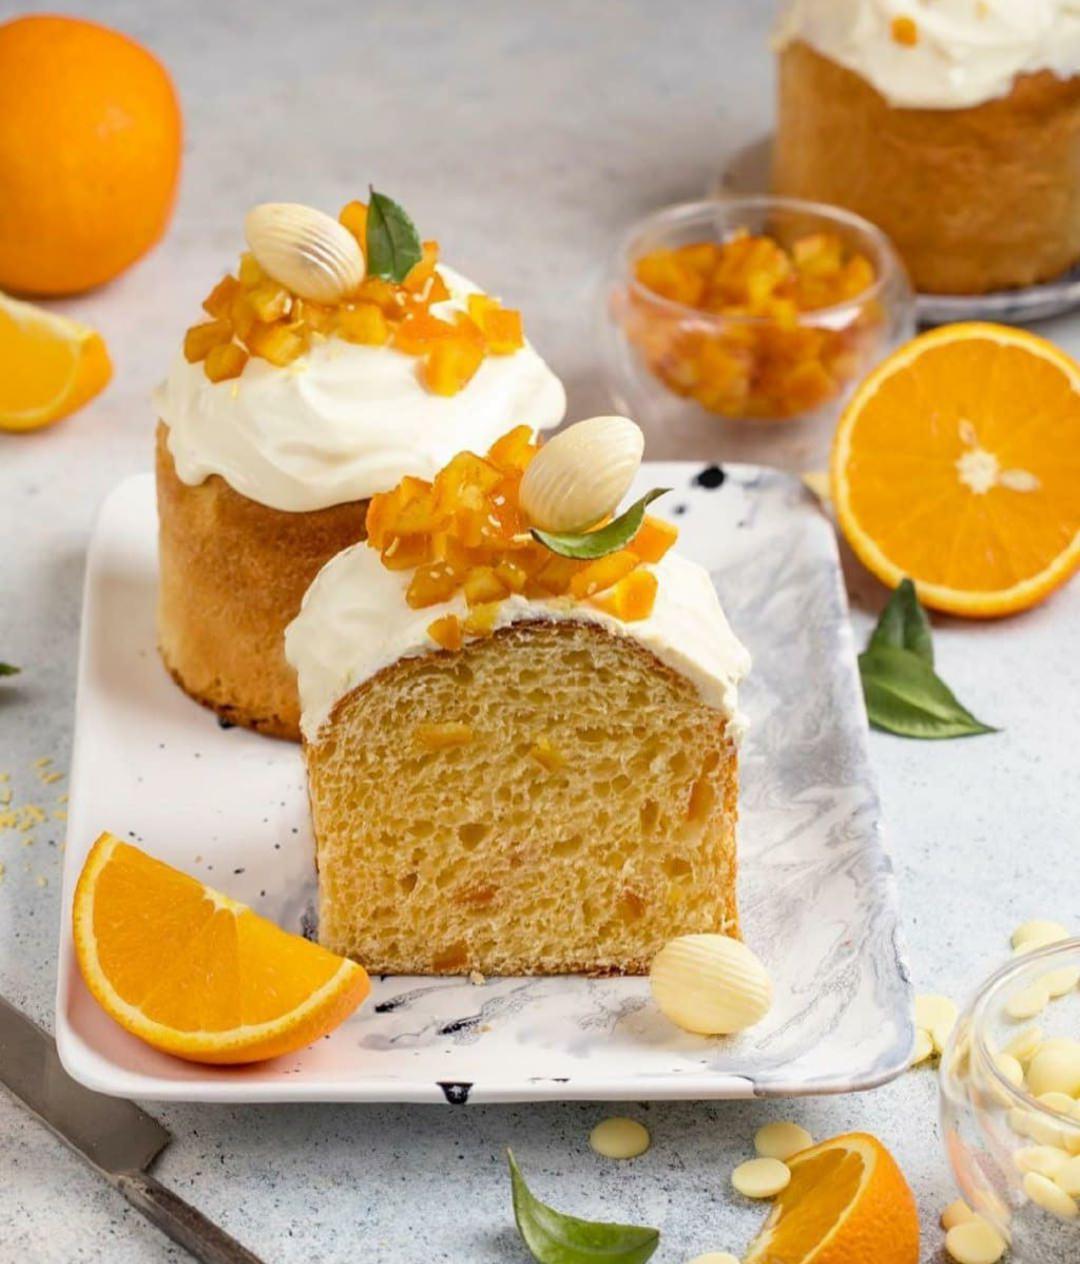 Апельсиновый Кулич с апельсиновыми цукатами и глазурью с белым шоколадом.